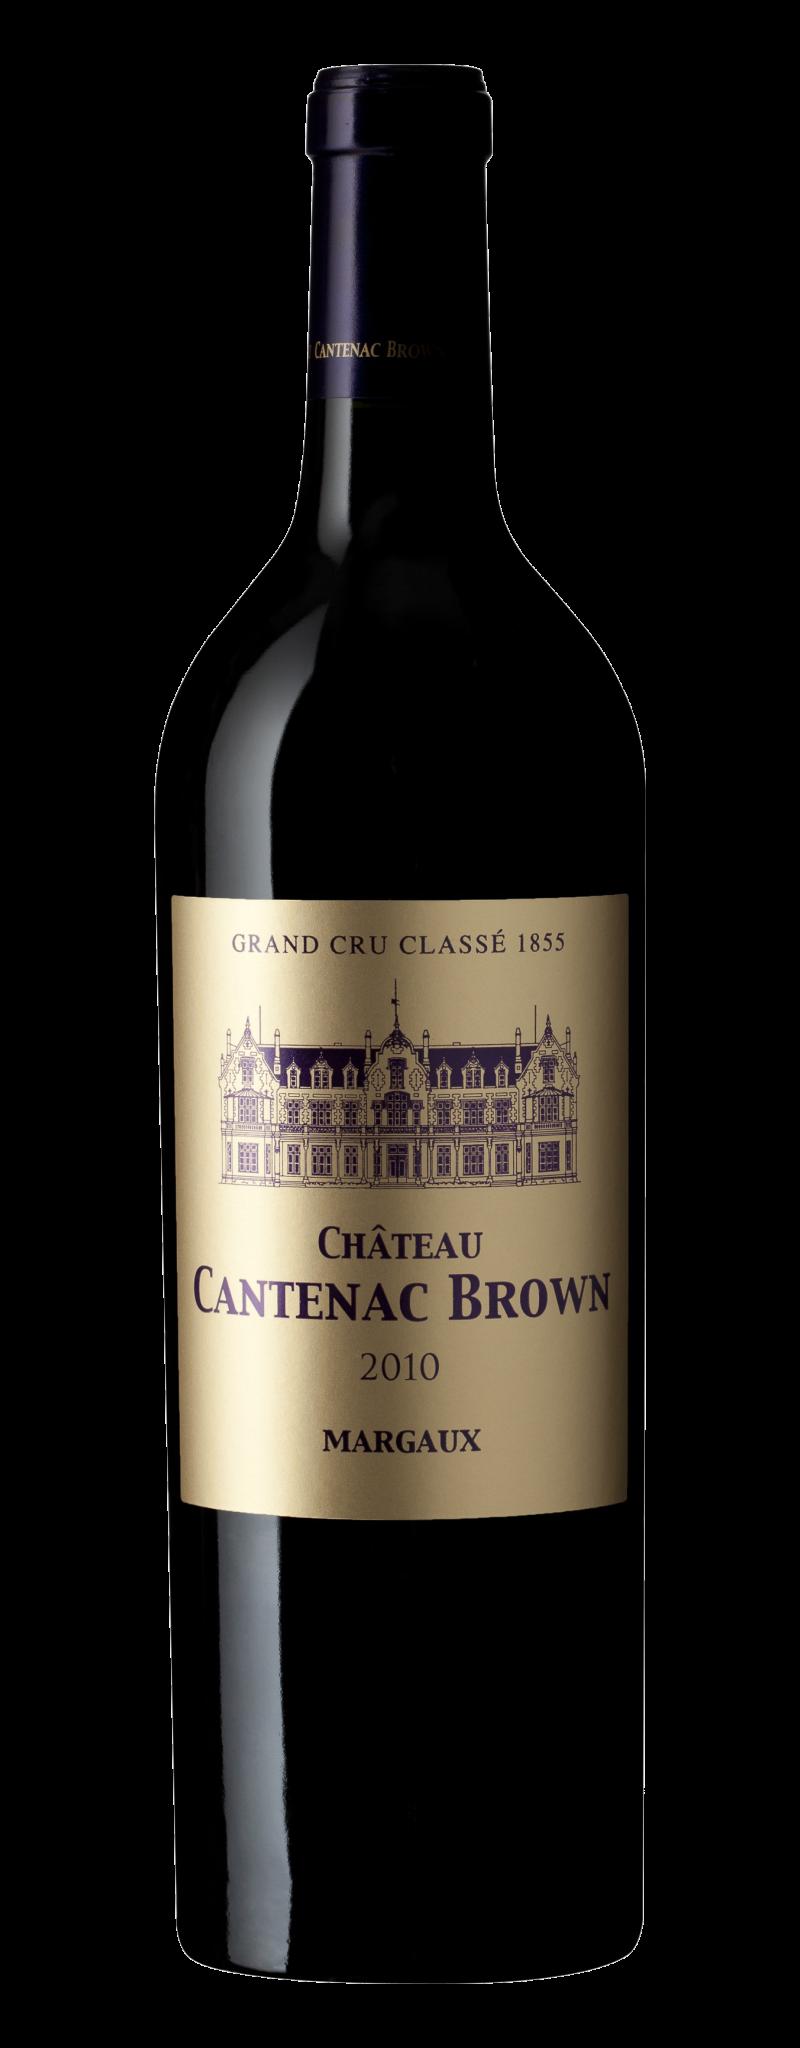 Château Cantenac Brown 2011 - Margaux  - 750ml